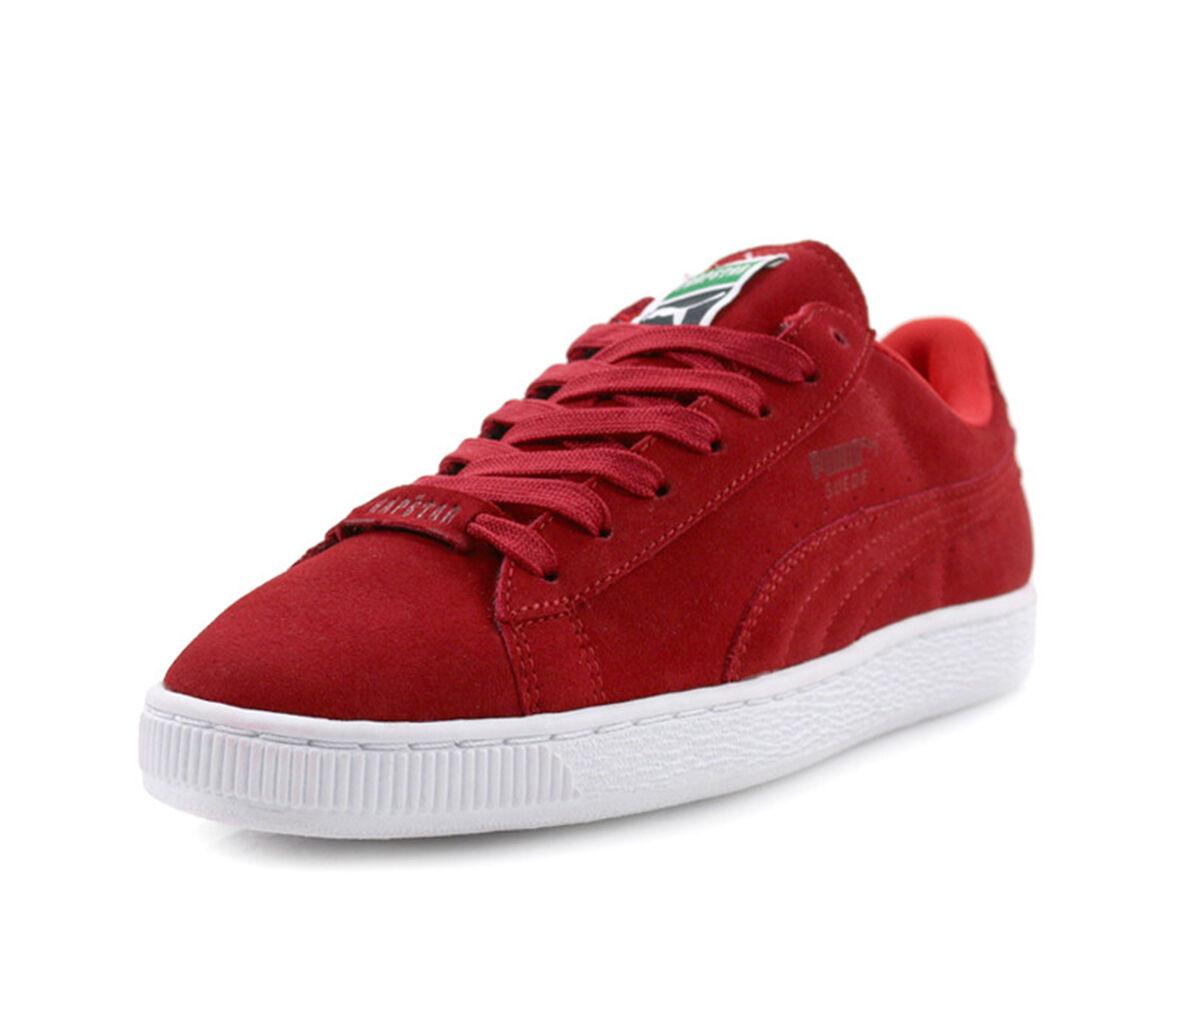 Puma Para hombres trapstar Zapatos  De Gamuza X trapstar hombres Rojo/Blanco 3620180 7c3fdc